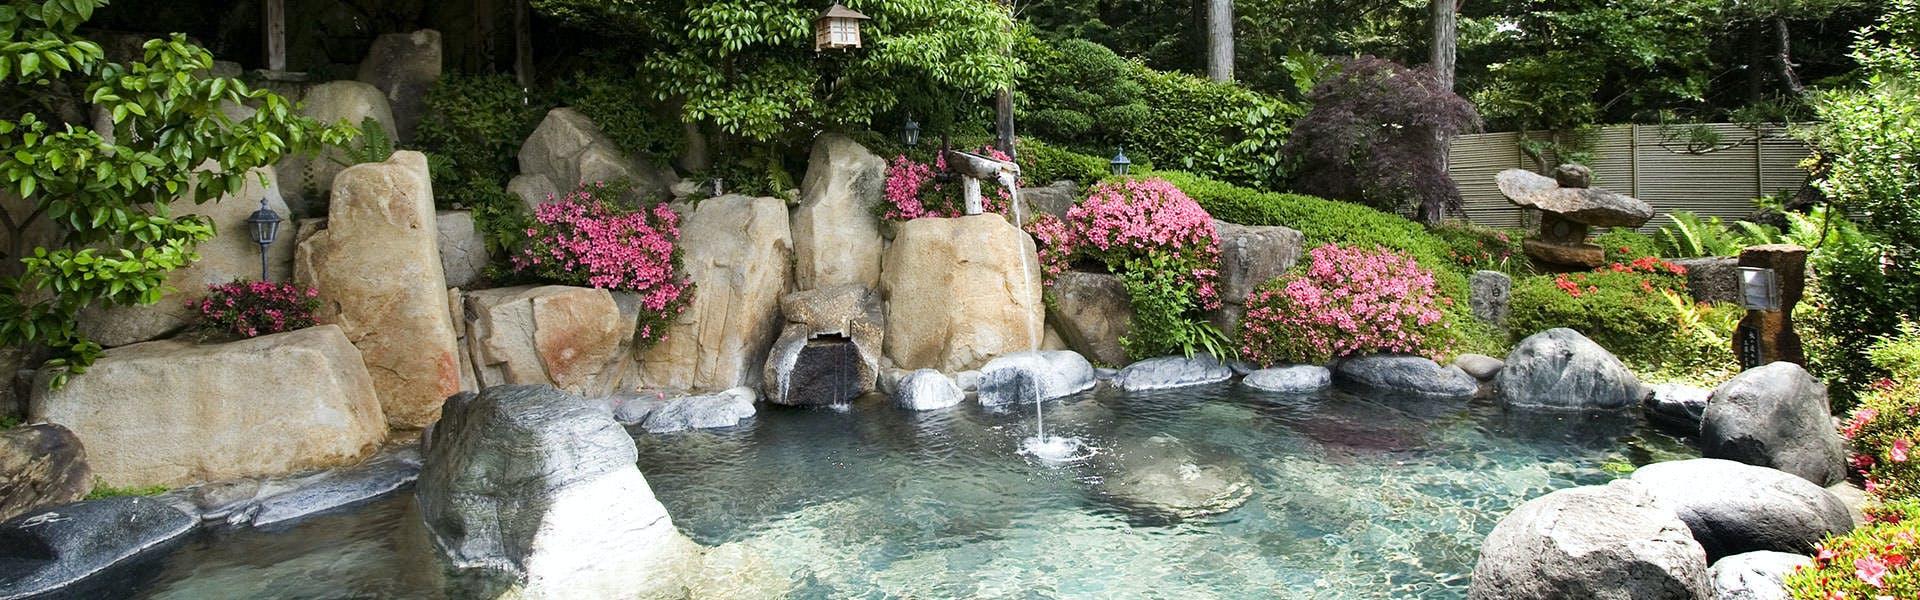 記念日におすすめのホテル・下呂温泉 湯之島館の写真2